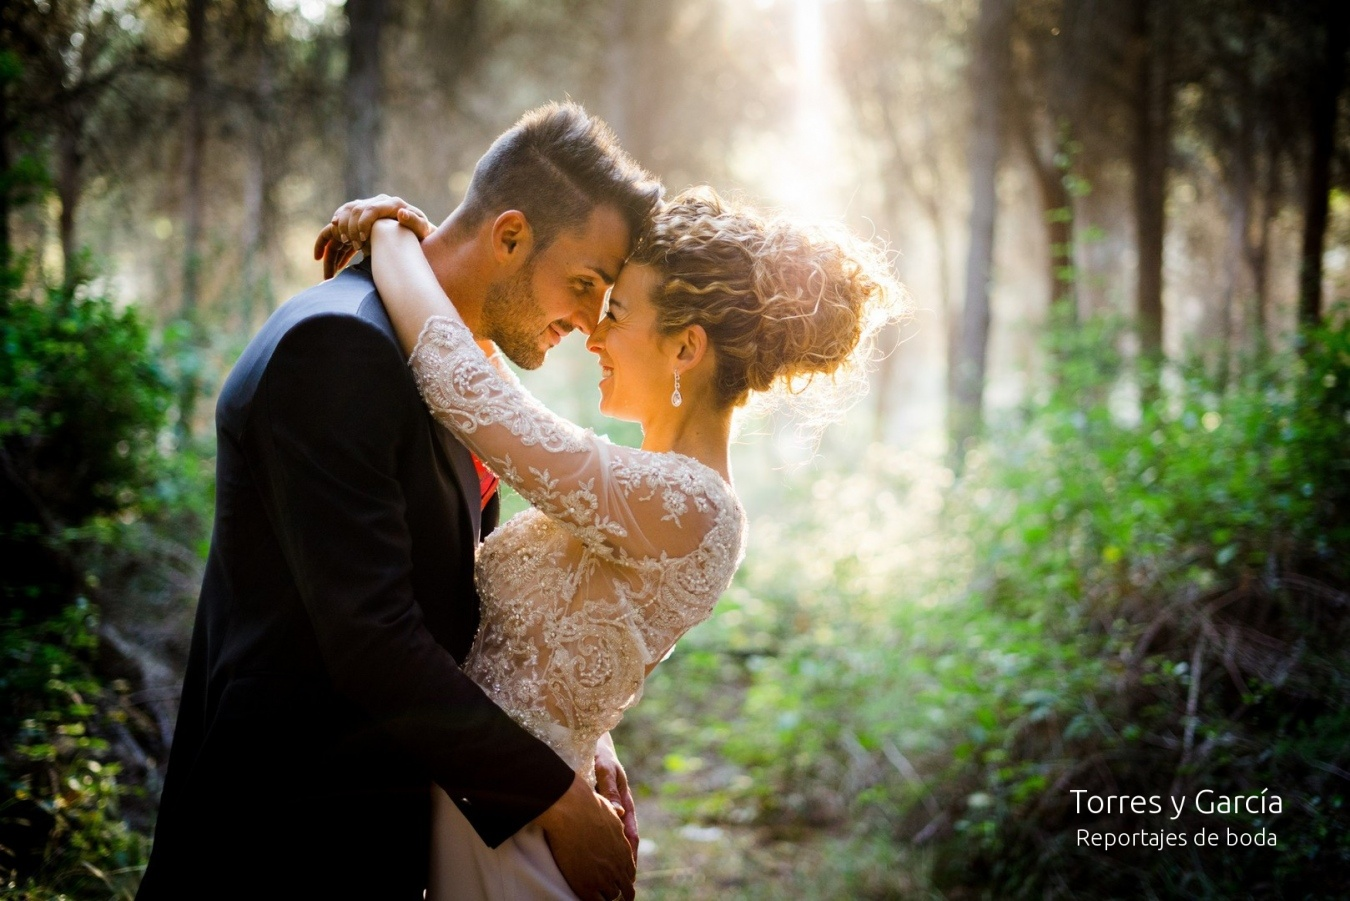 Novios en los pinares de Valdilecha - Fotografías - Libros y reportajes de boda diferentes.